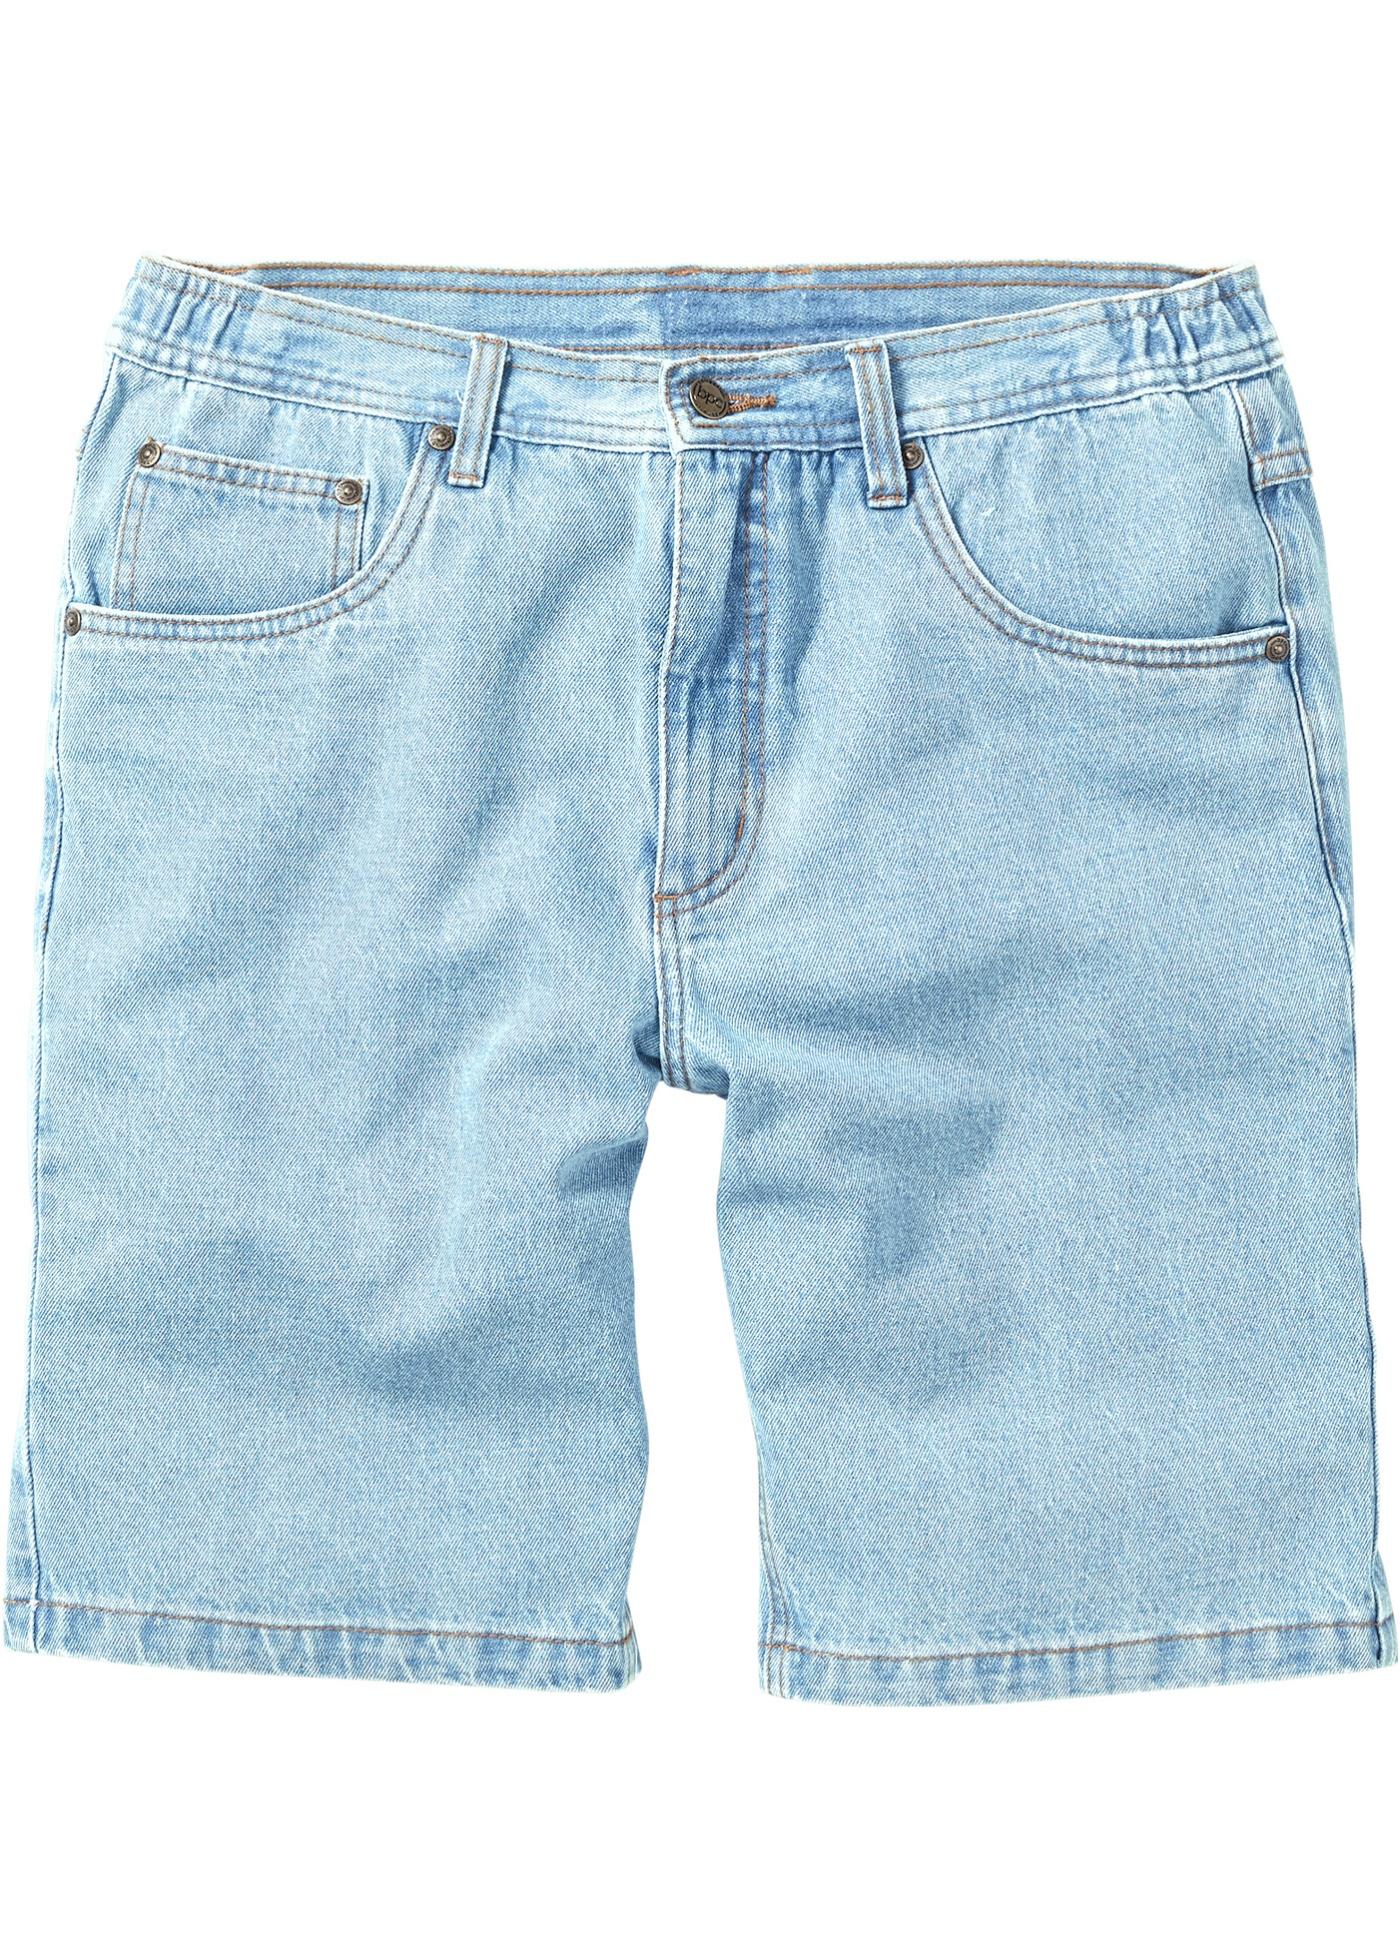 Bermuda di jeans classic fit (Blu) - John Baner JEANSWEAR (2209593309)